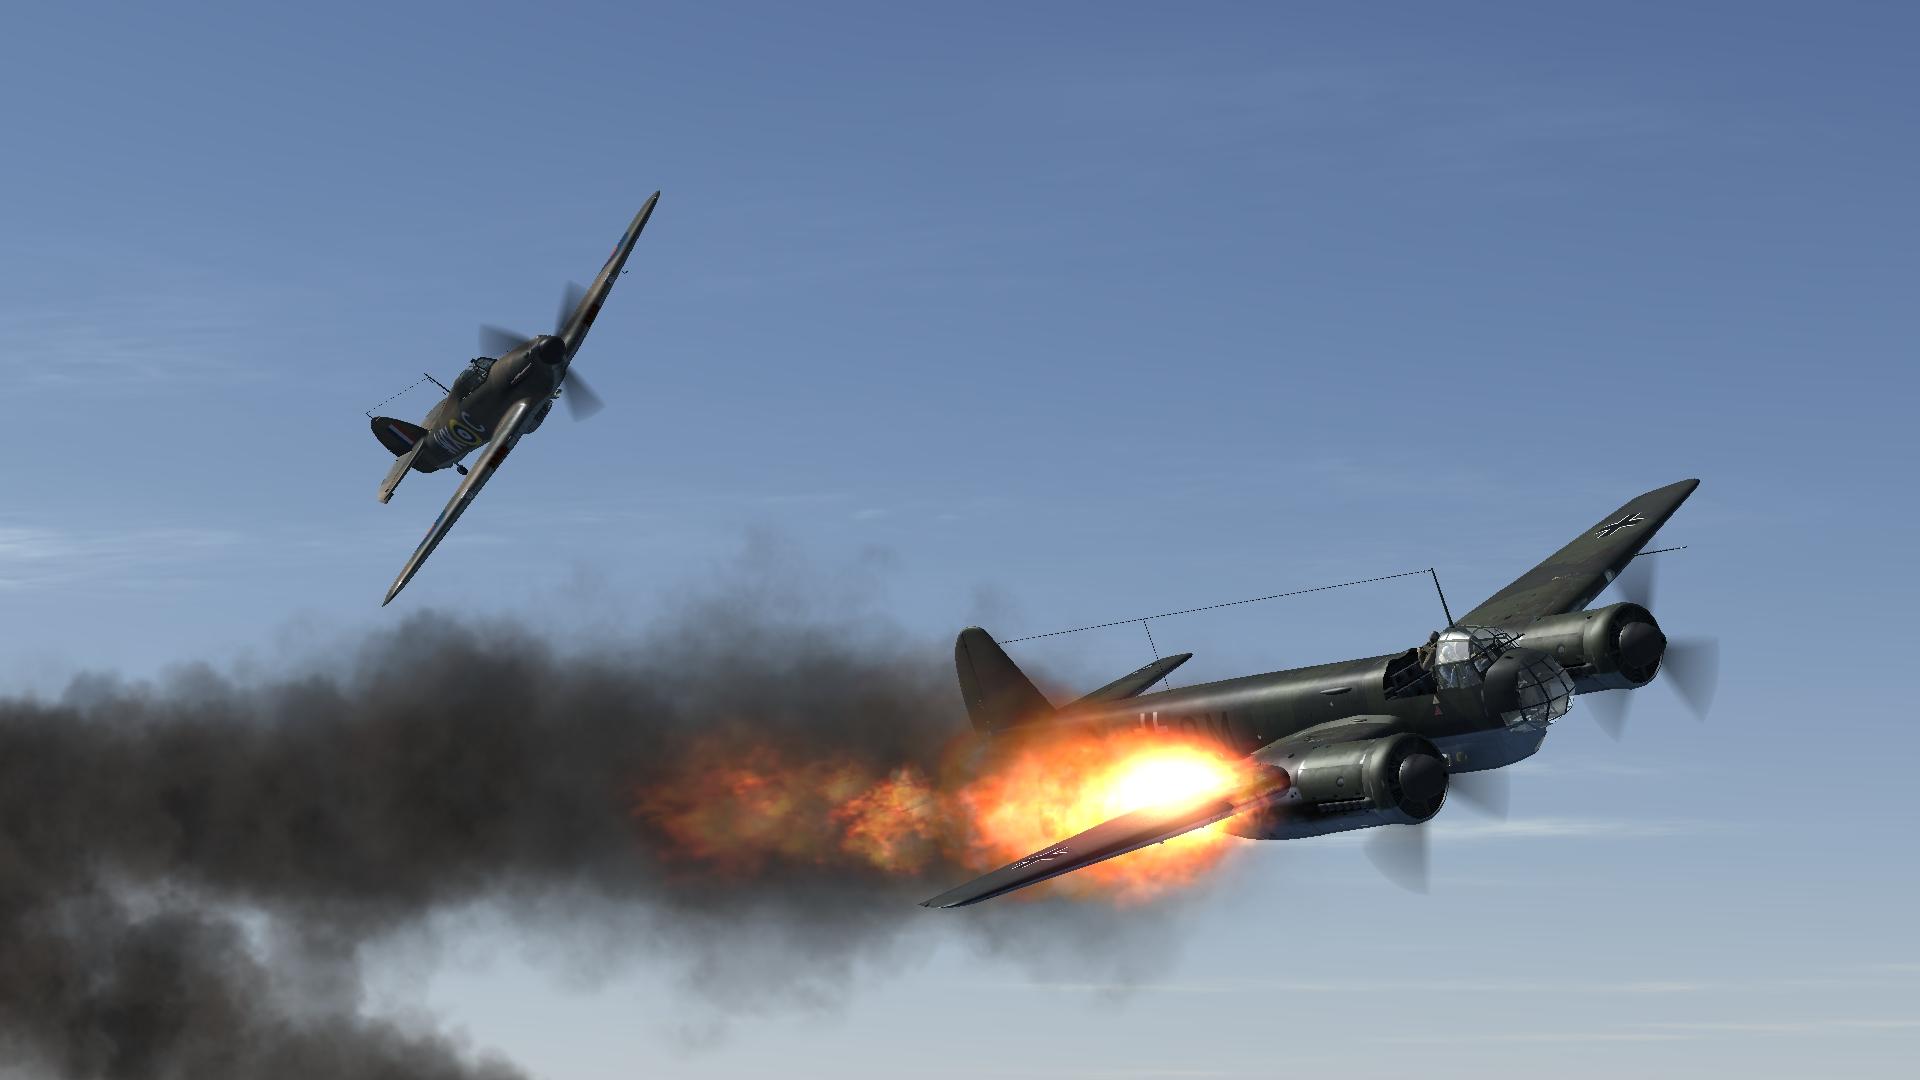 Или вот, скажем, забавная мелочь- англичане заклеивали бумагой пулеметы на крыльях, чтобы при взлете не нарушалась...